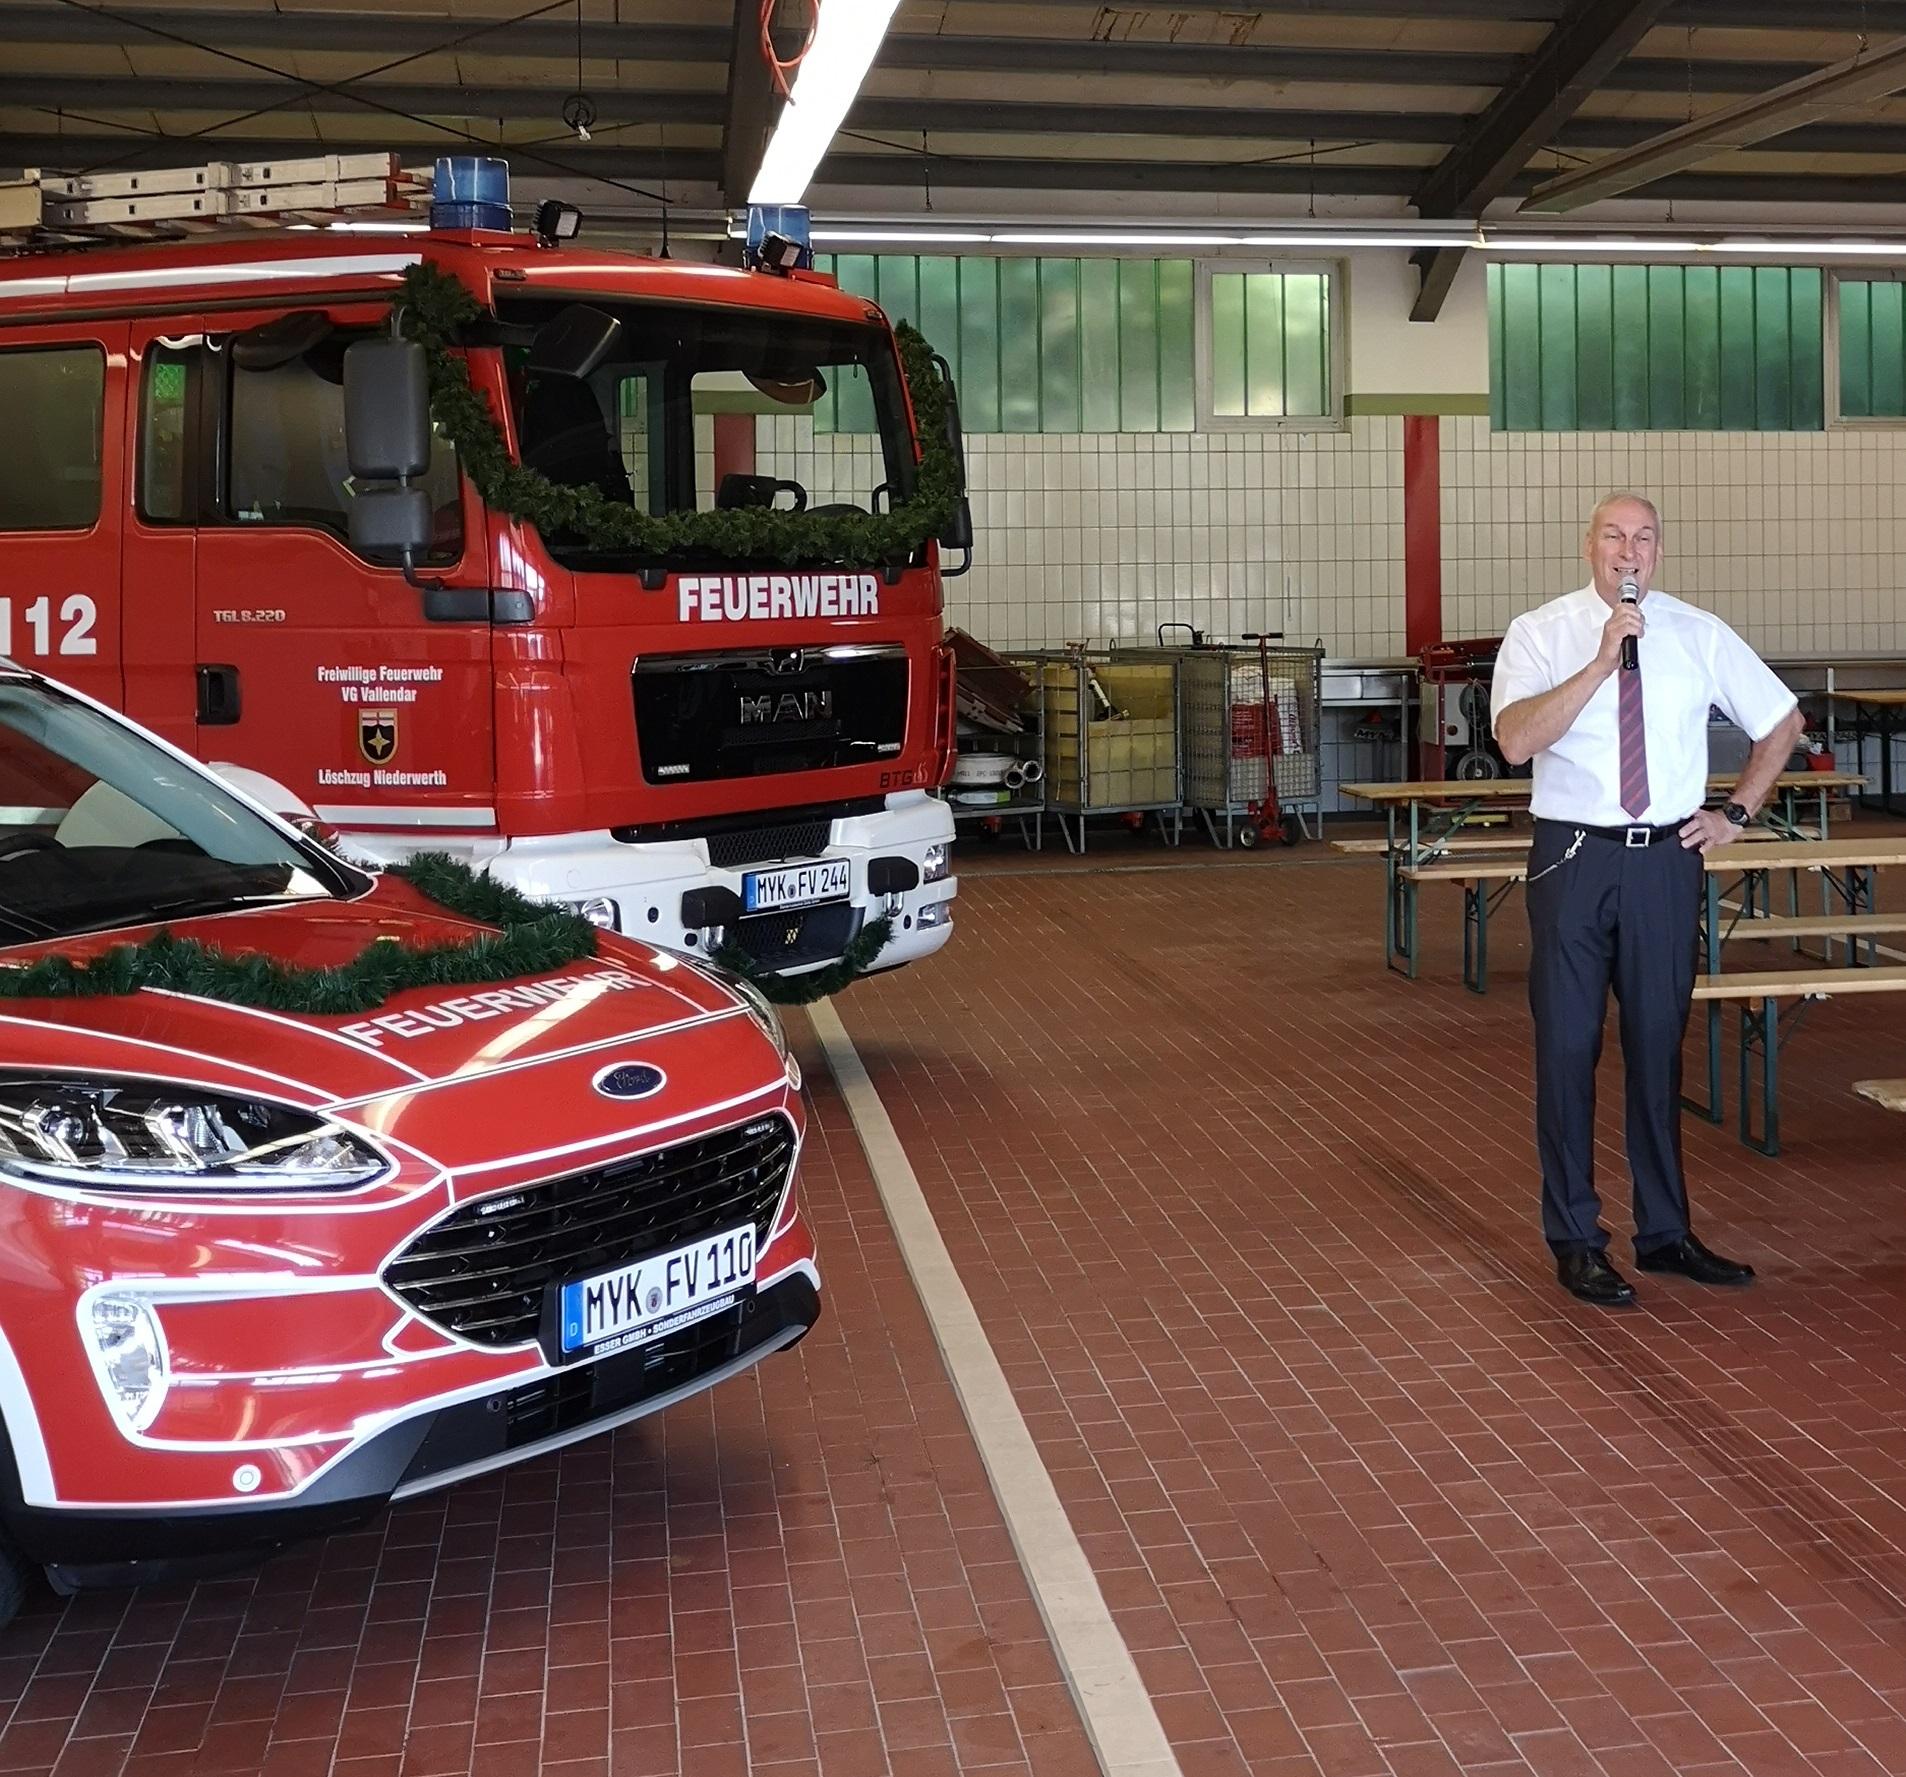 Ferierstunde zur Übergabe der Einsatzfahrzeuge und der Feuerwehreinsatzzentrale